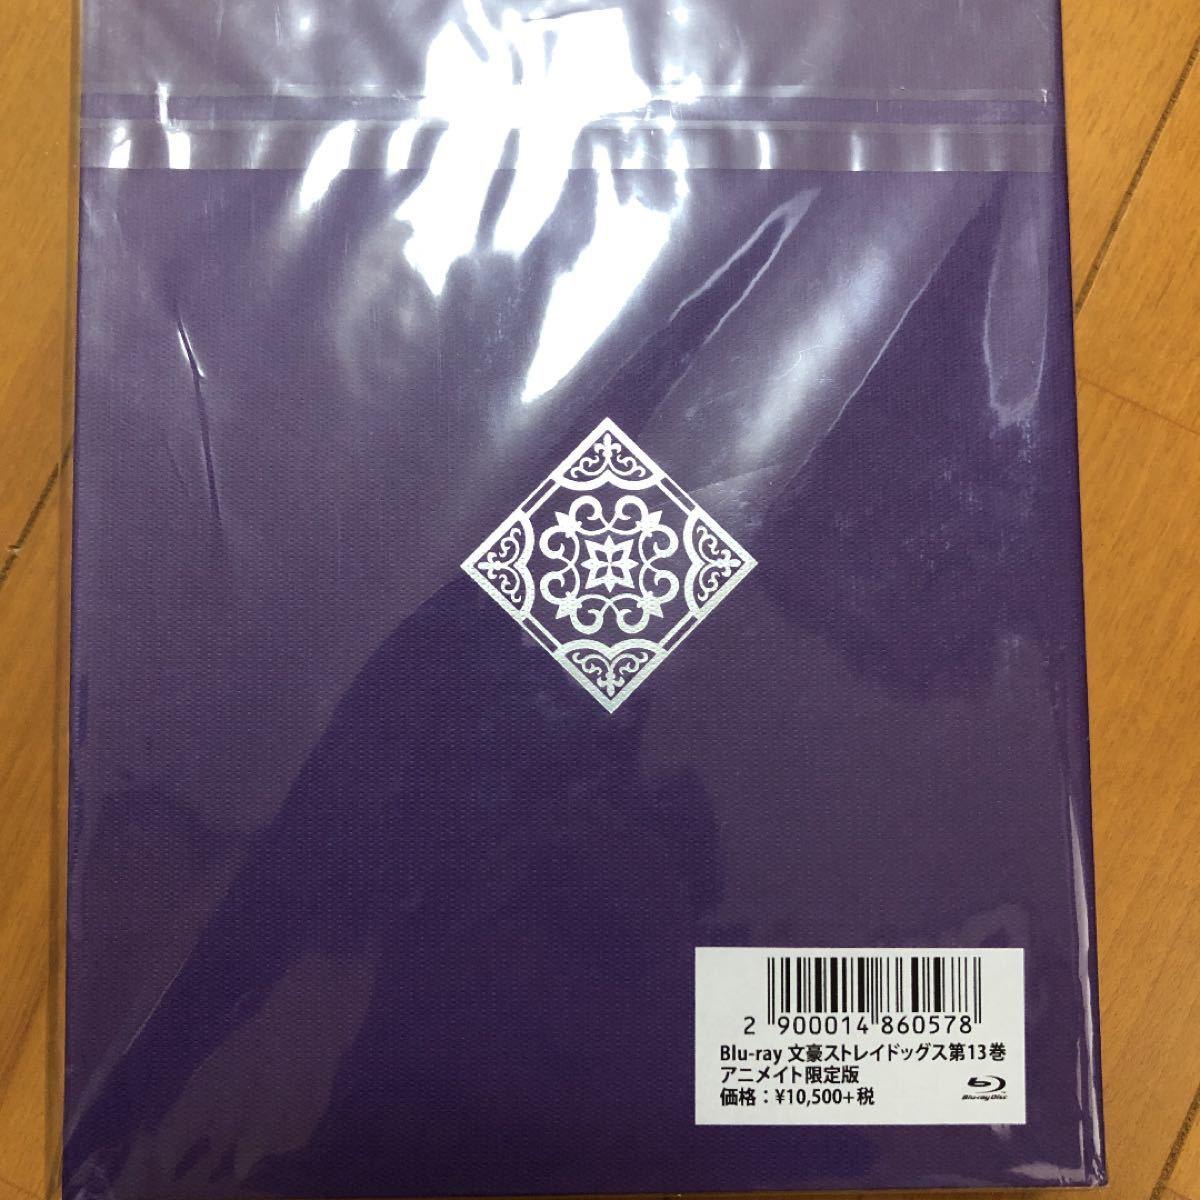 Blu-ray 文豪ストレイドッグス 第13巻 アニメイト限定版